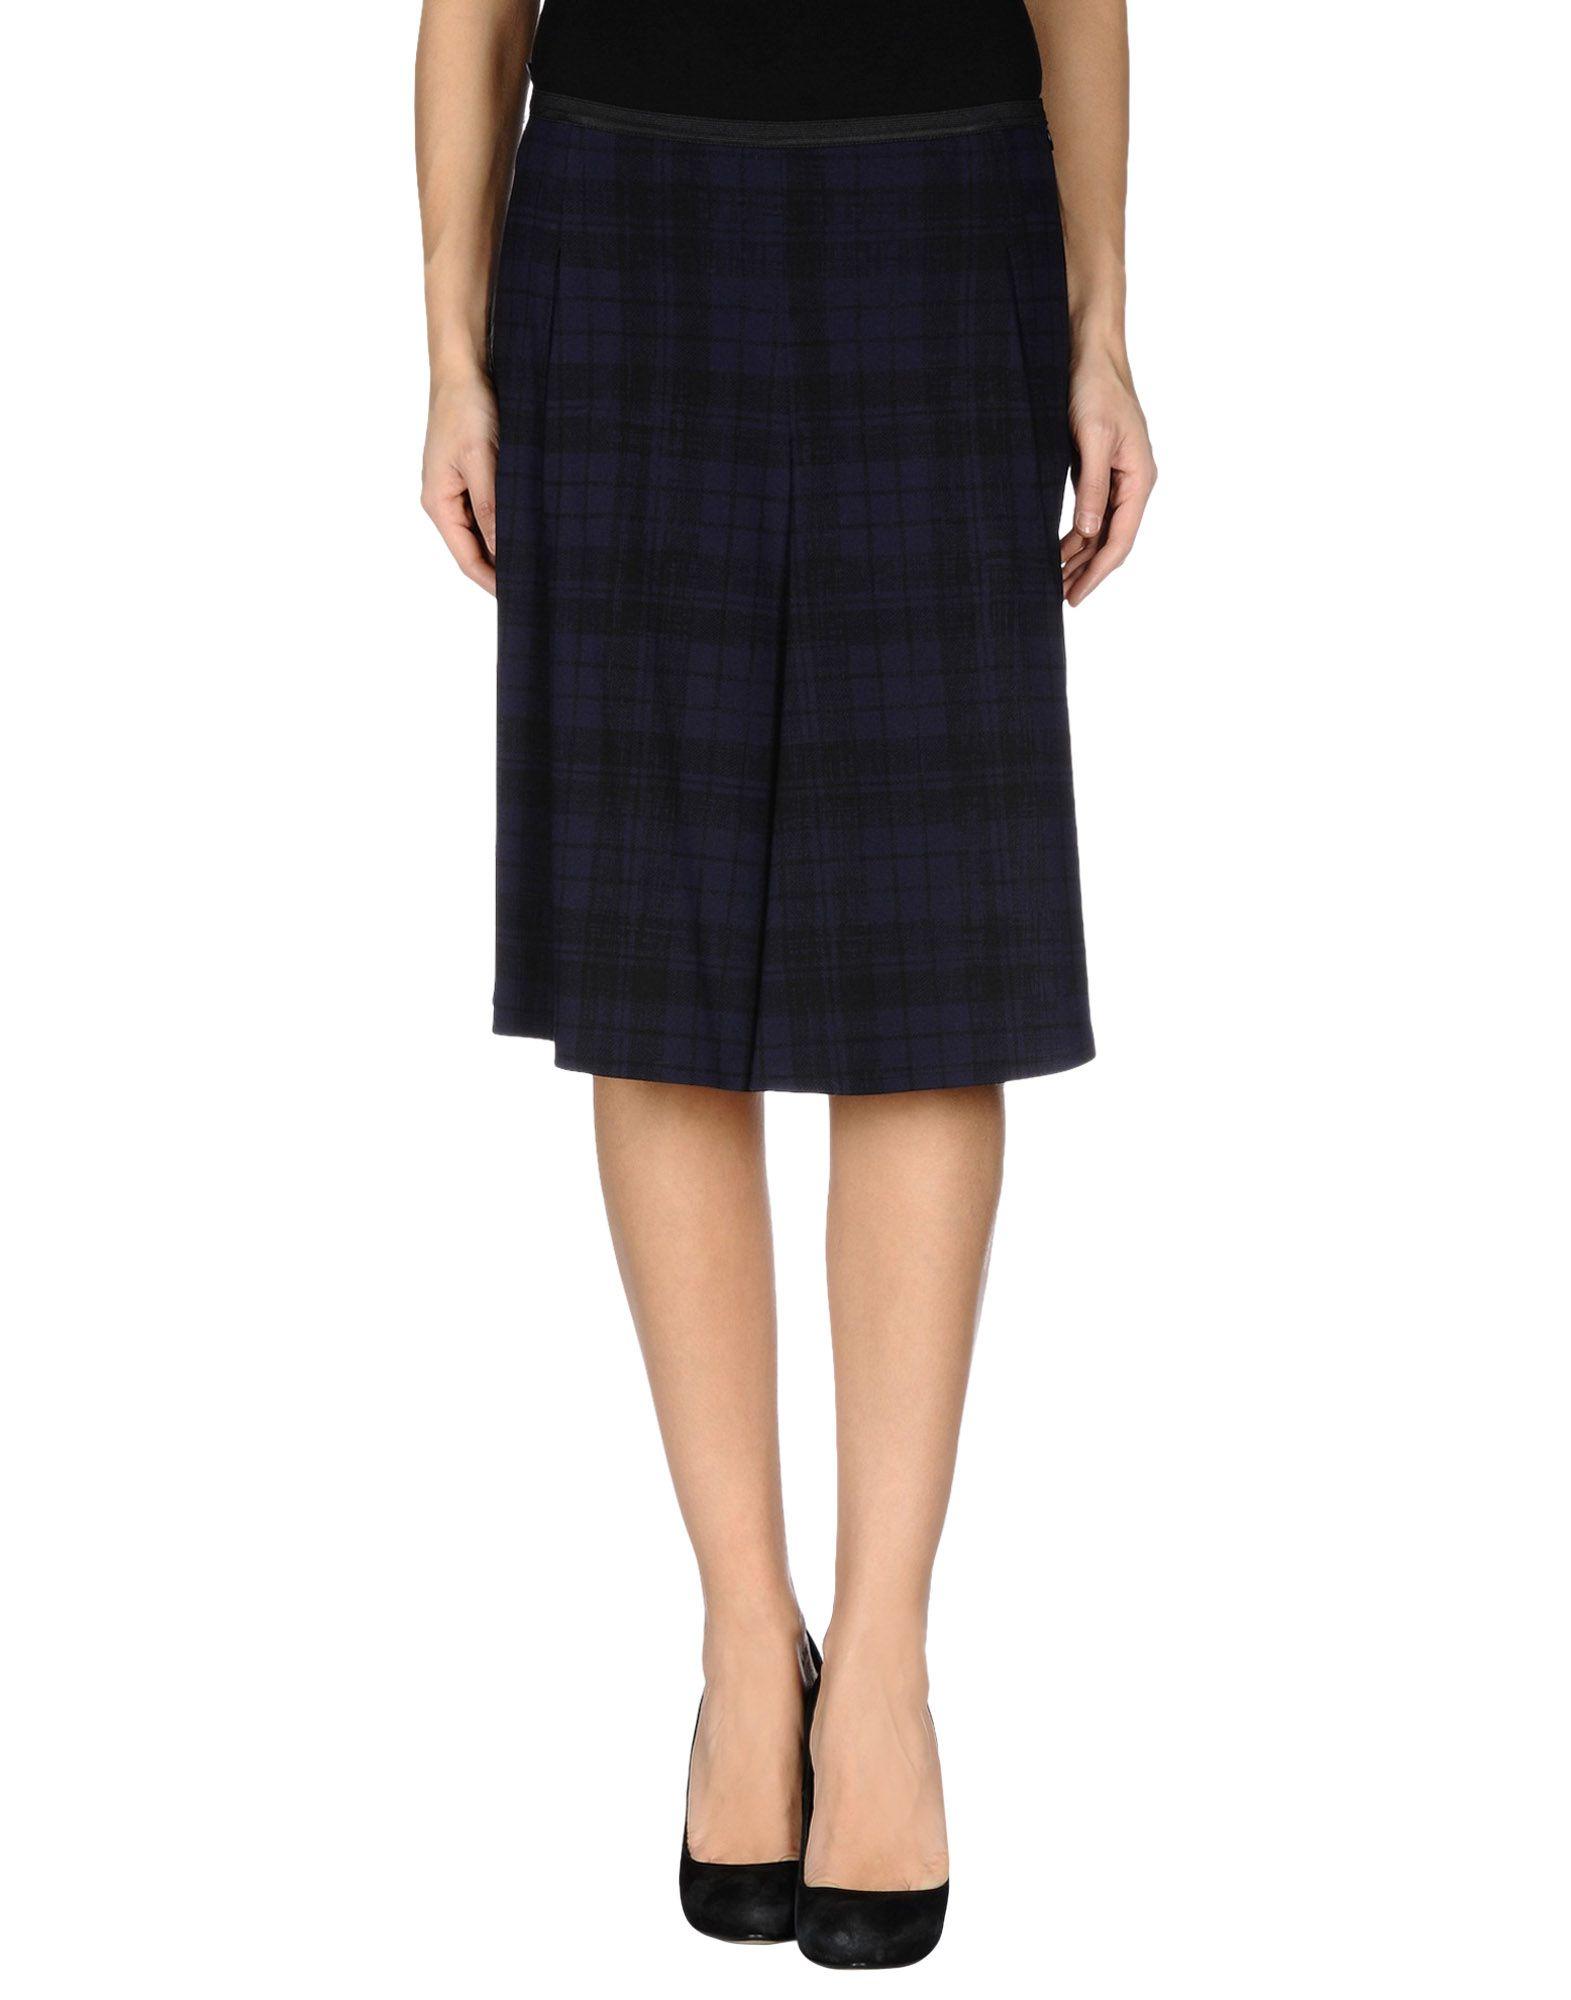 jil sander navy knee length skirt in blue blue